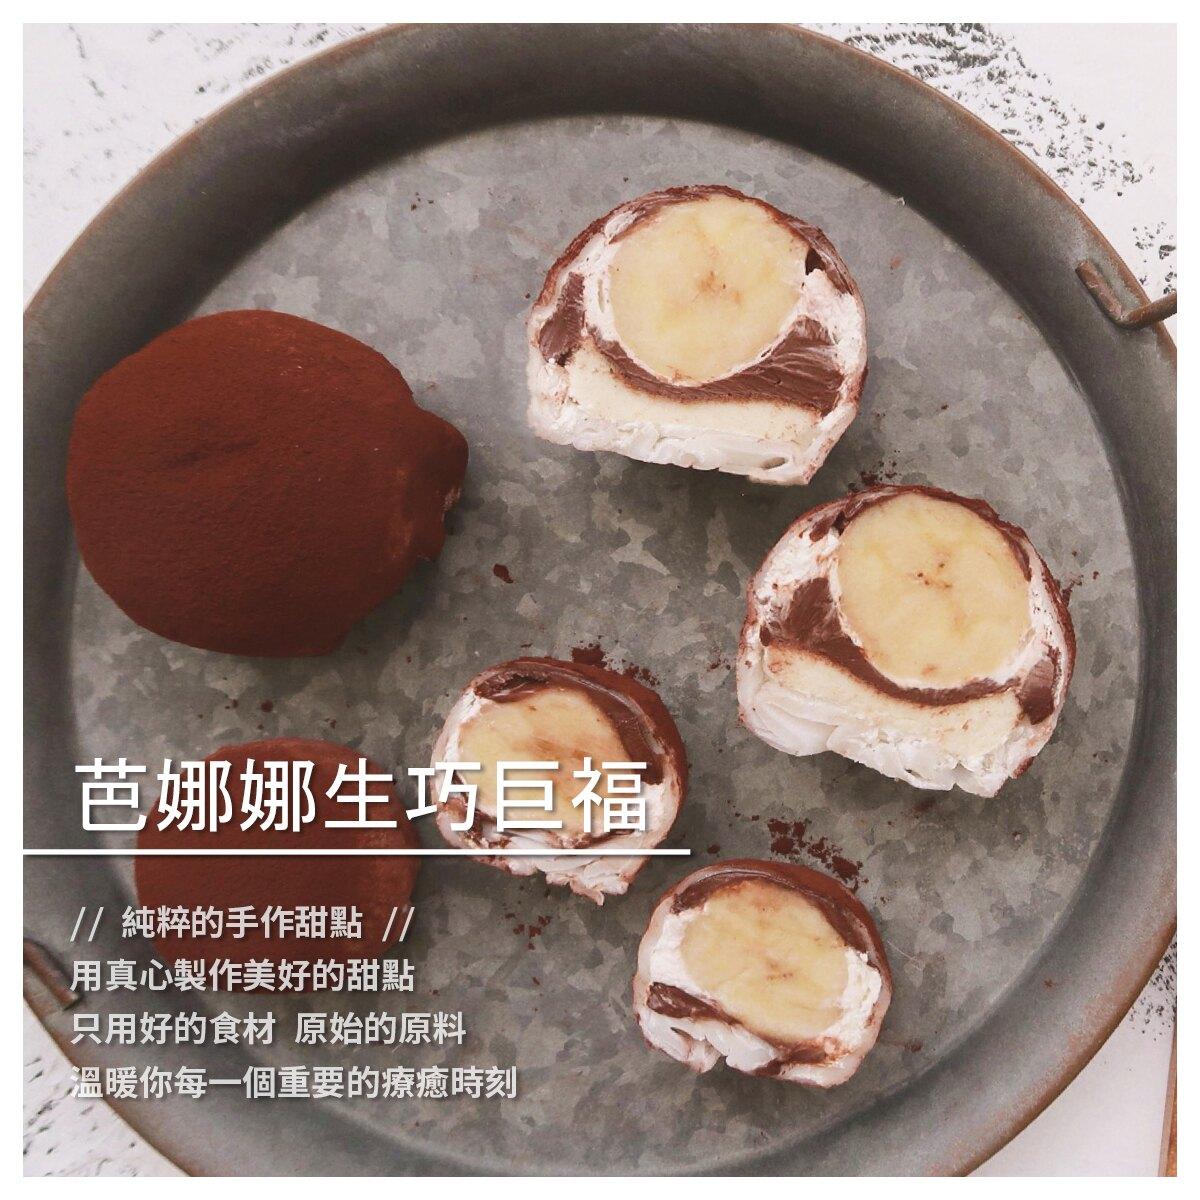 【M Bakery 手作菓子】芭娜娜生巧巨福/4入